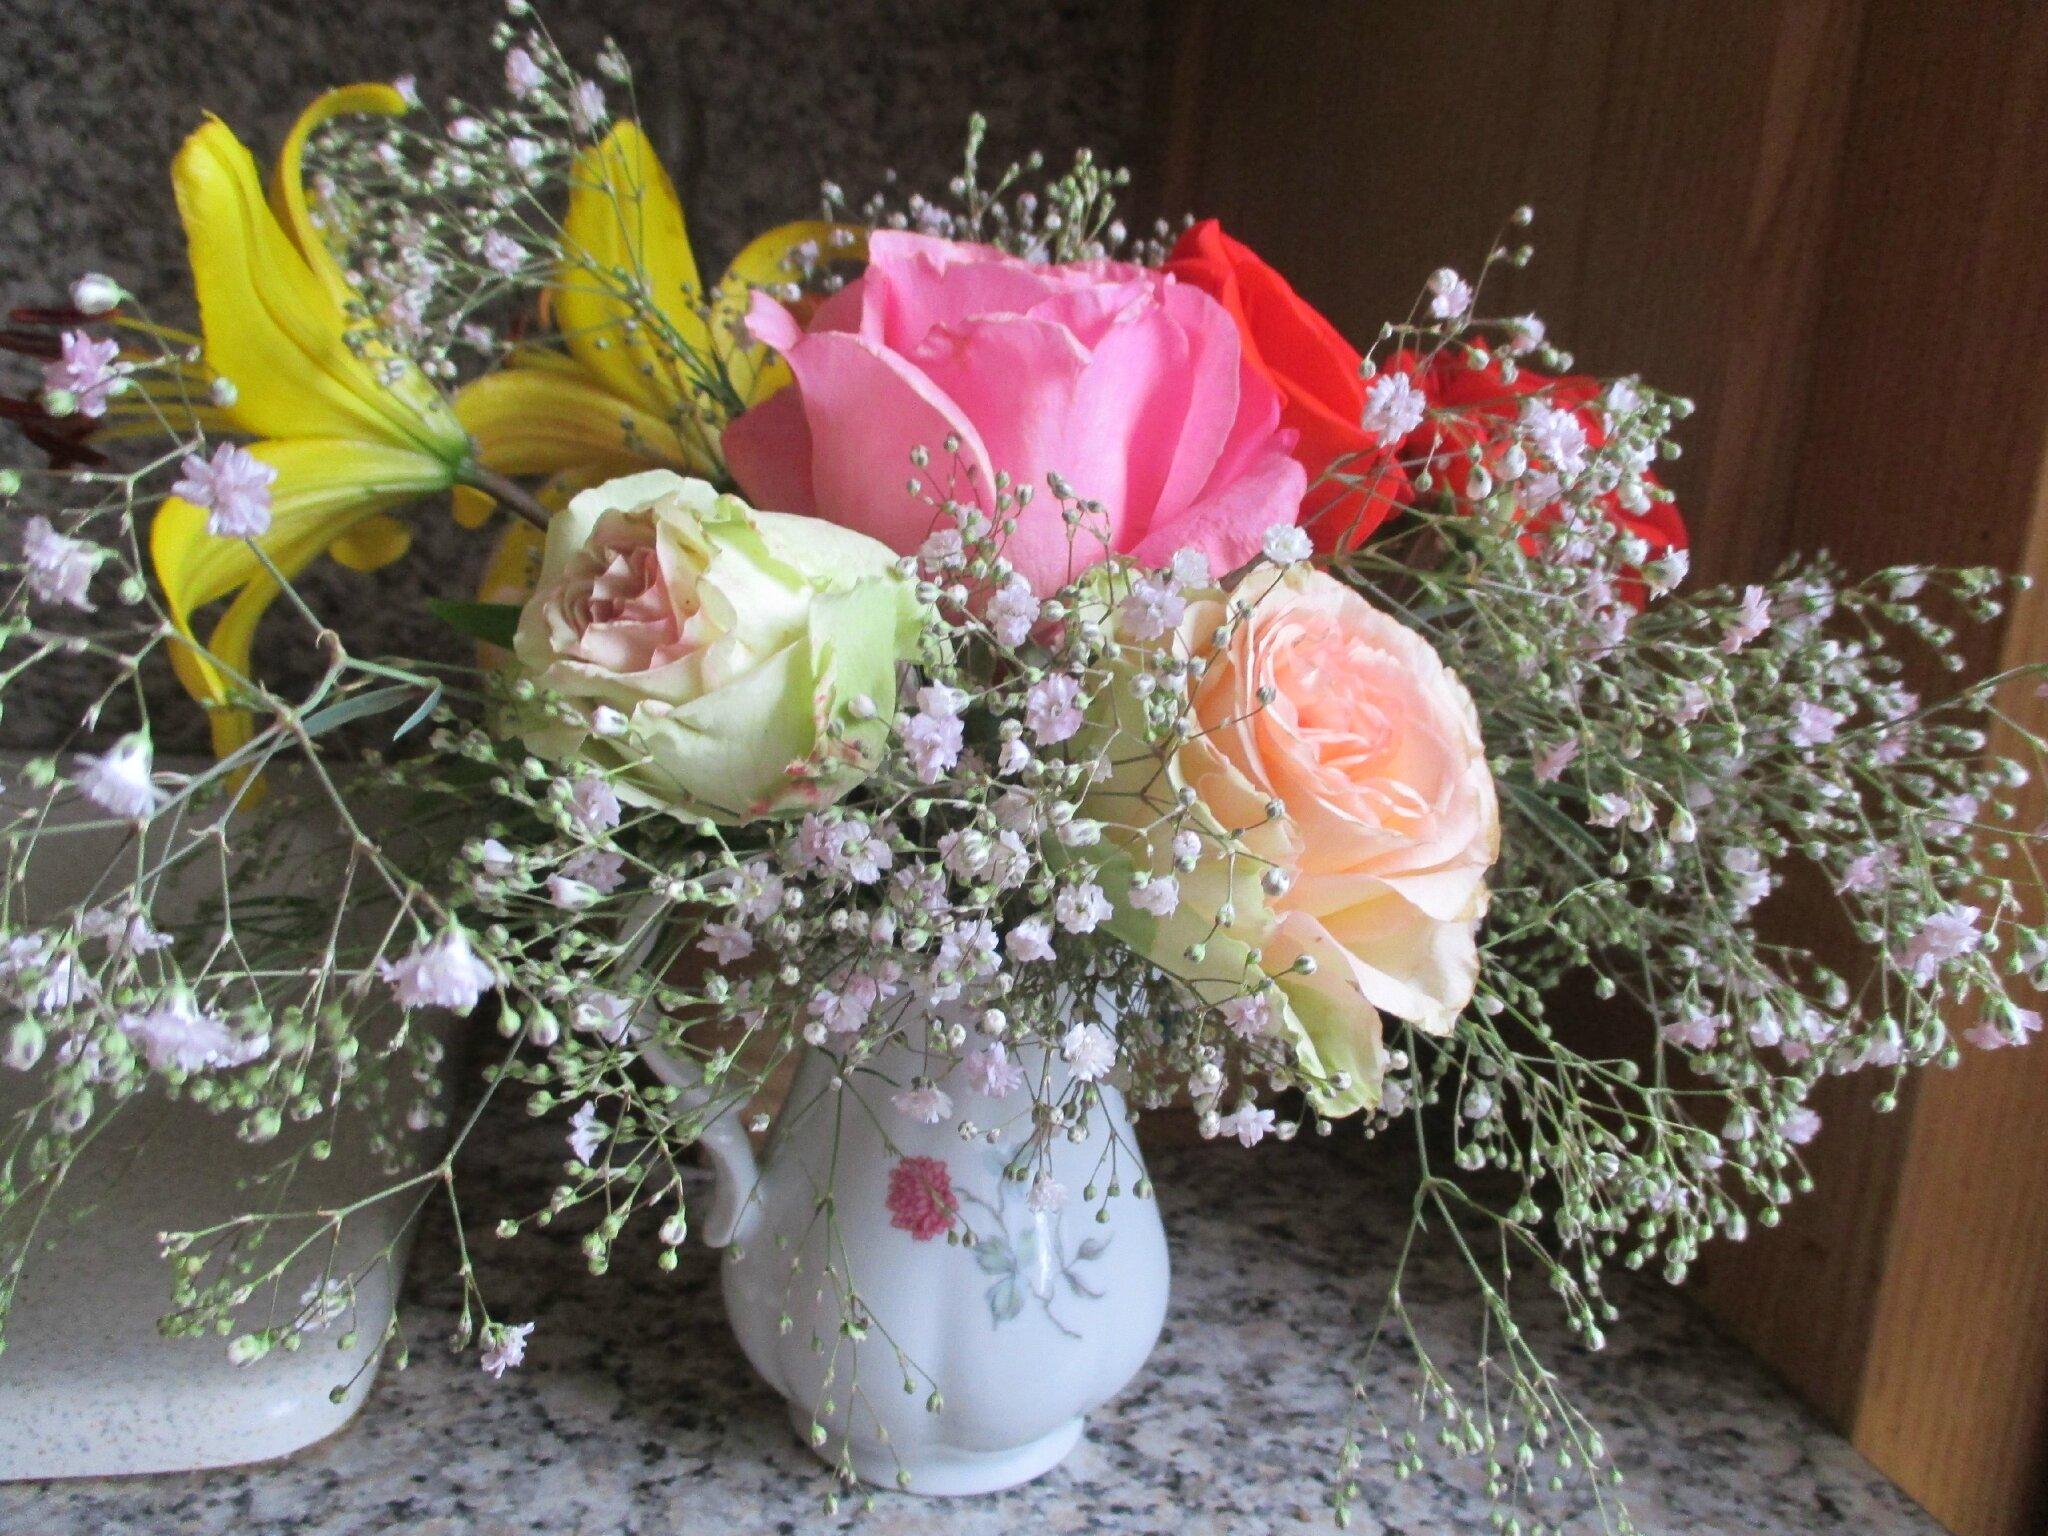 les fleurs coupées ne cessent pas de vivre, dessus les cous graciles,les têtes blondes ploient;bises à toutes♥